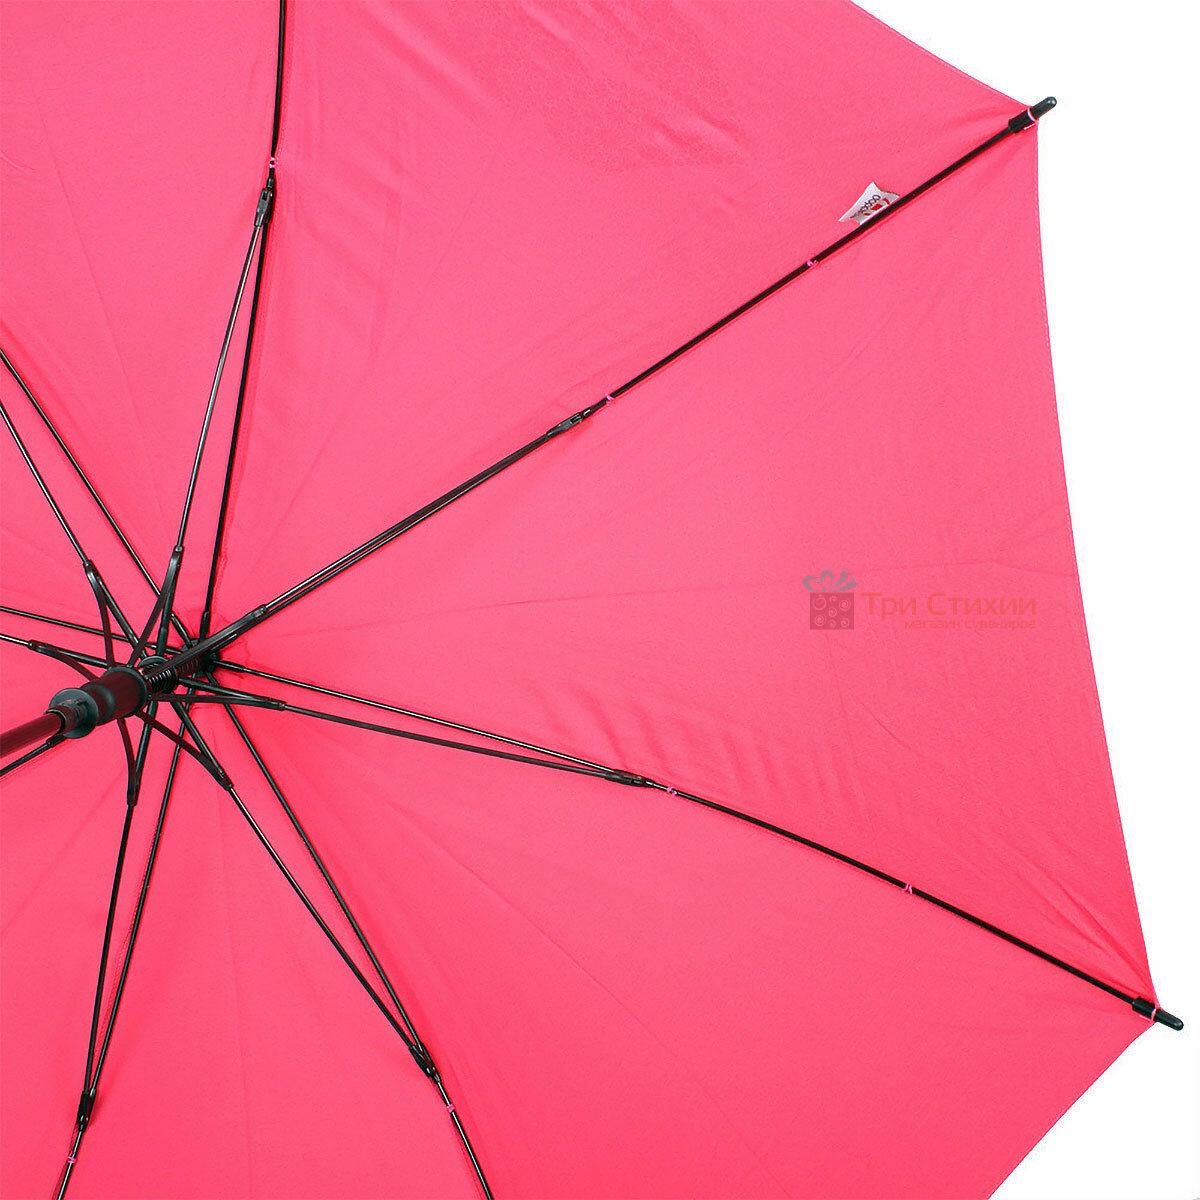 Зонт-трость Doppler полуавтомат 740765Кiss-1 Красный, Цвет: Красный, фото 3